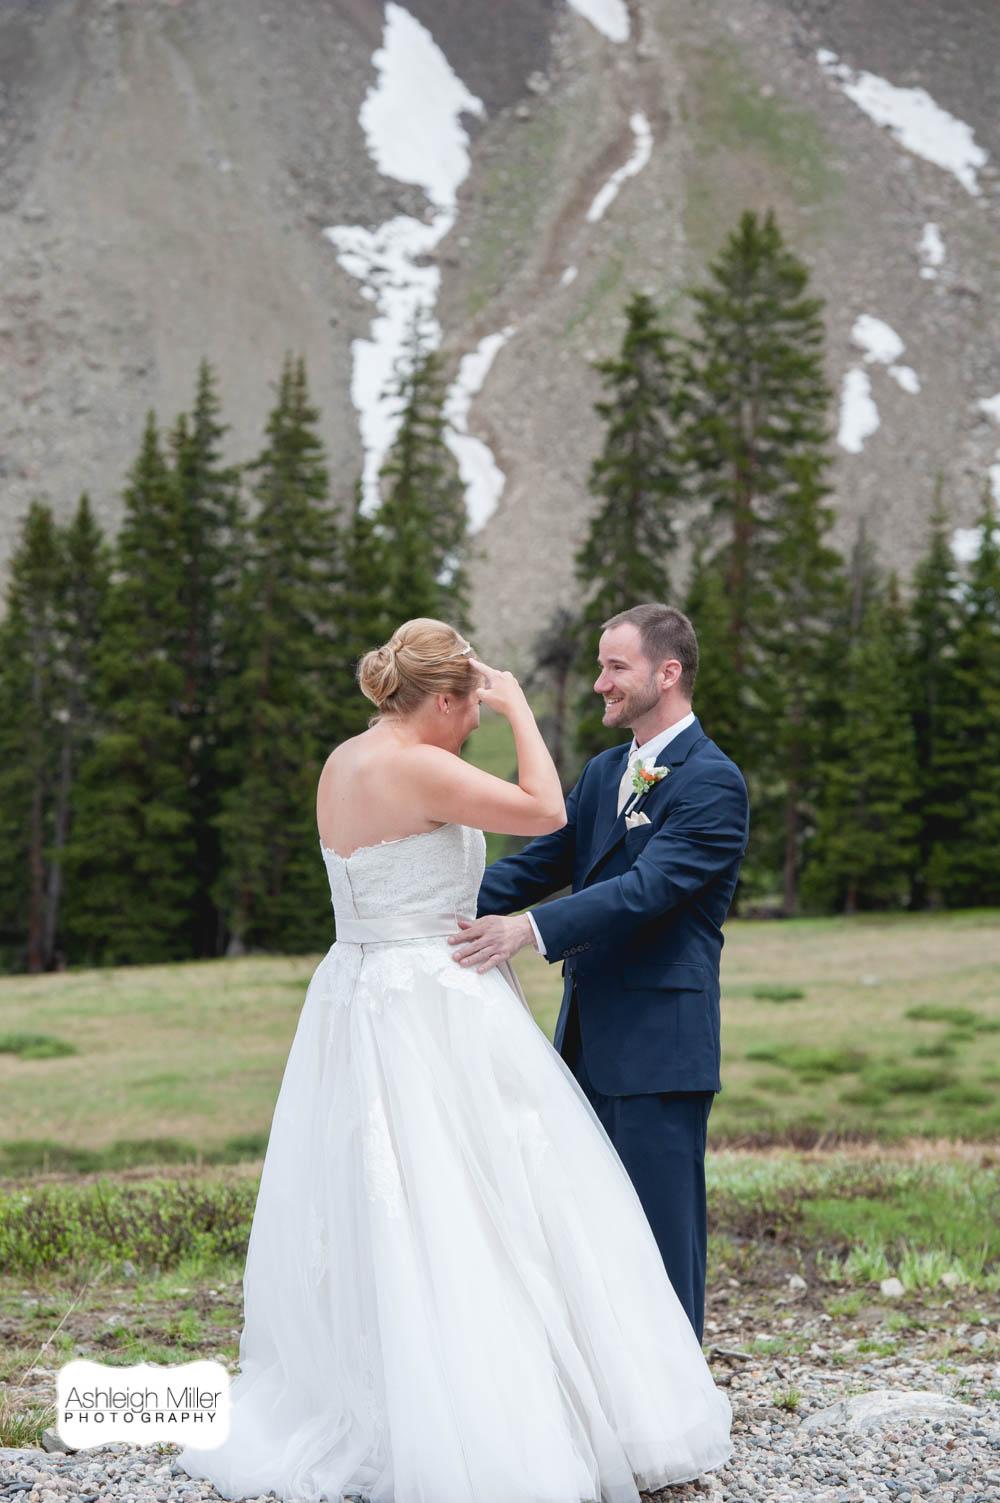 ash2-2035-AMW-KelseySean-Wedding-Blog.jpg